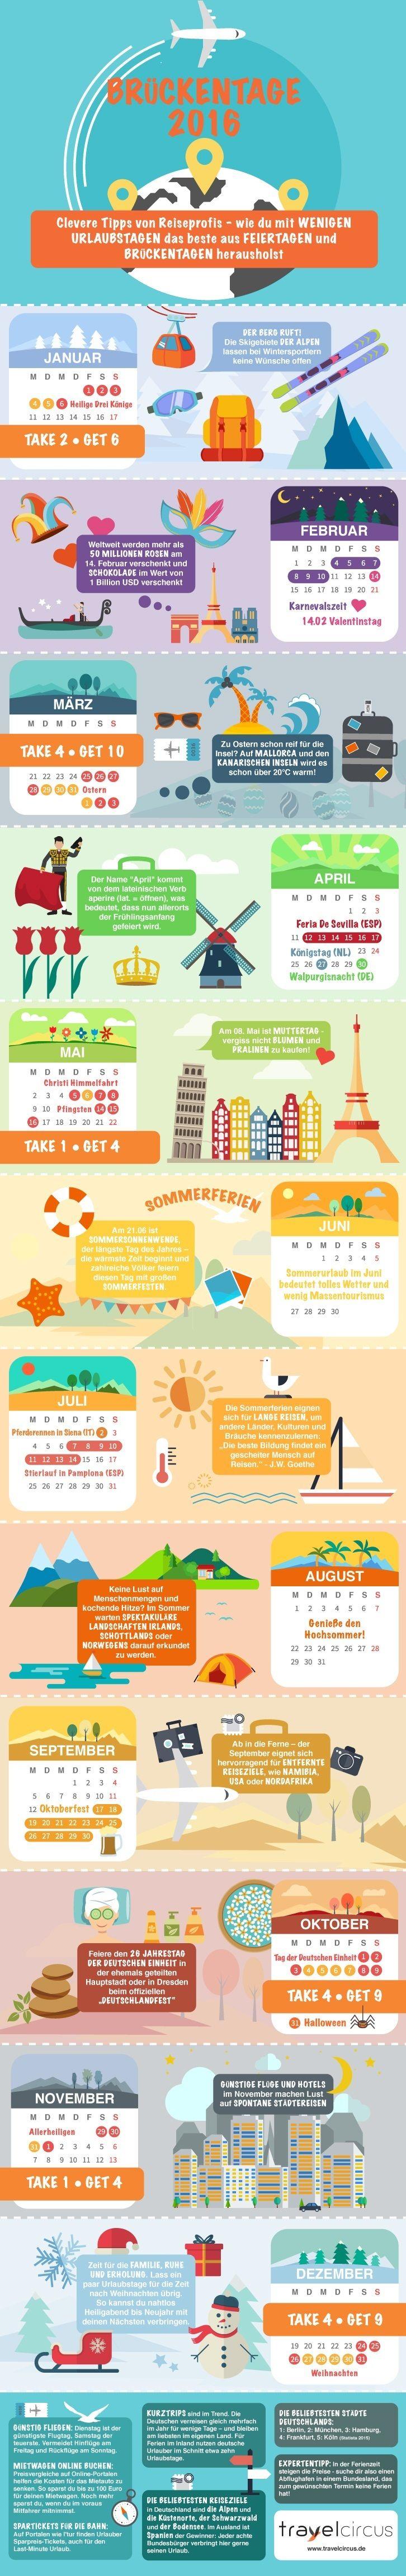 Brückentage 2016 - Tipps von Reiseprofis für die Urlaubsplanung